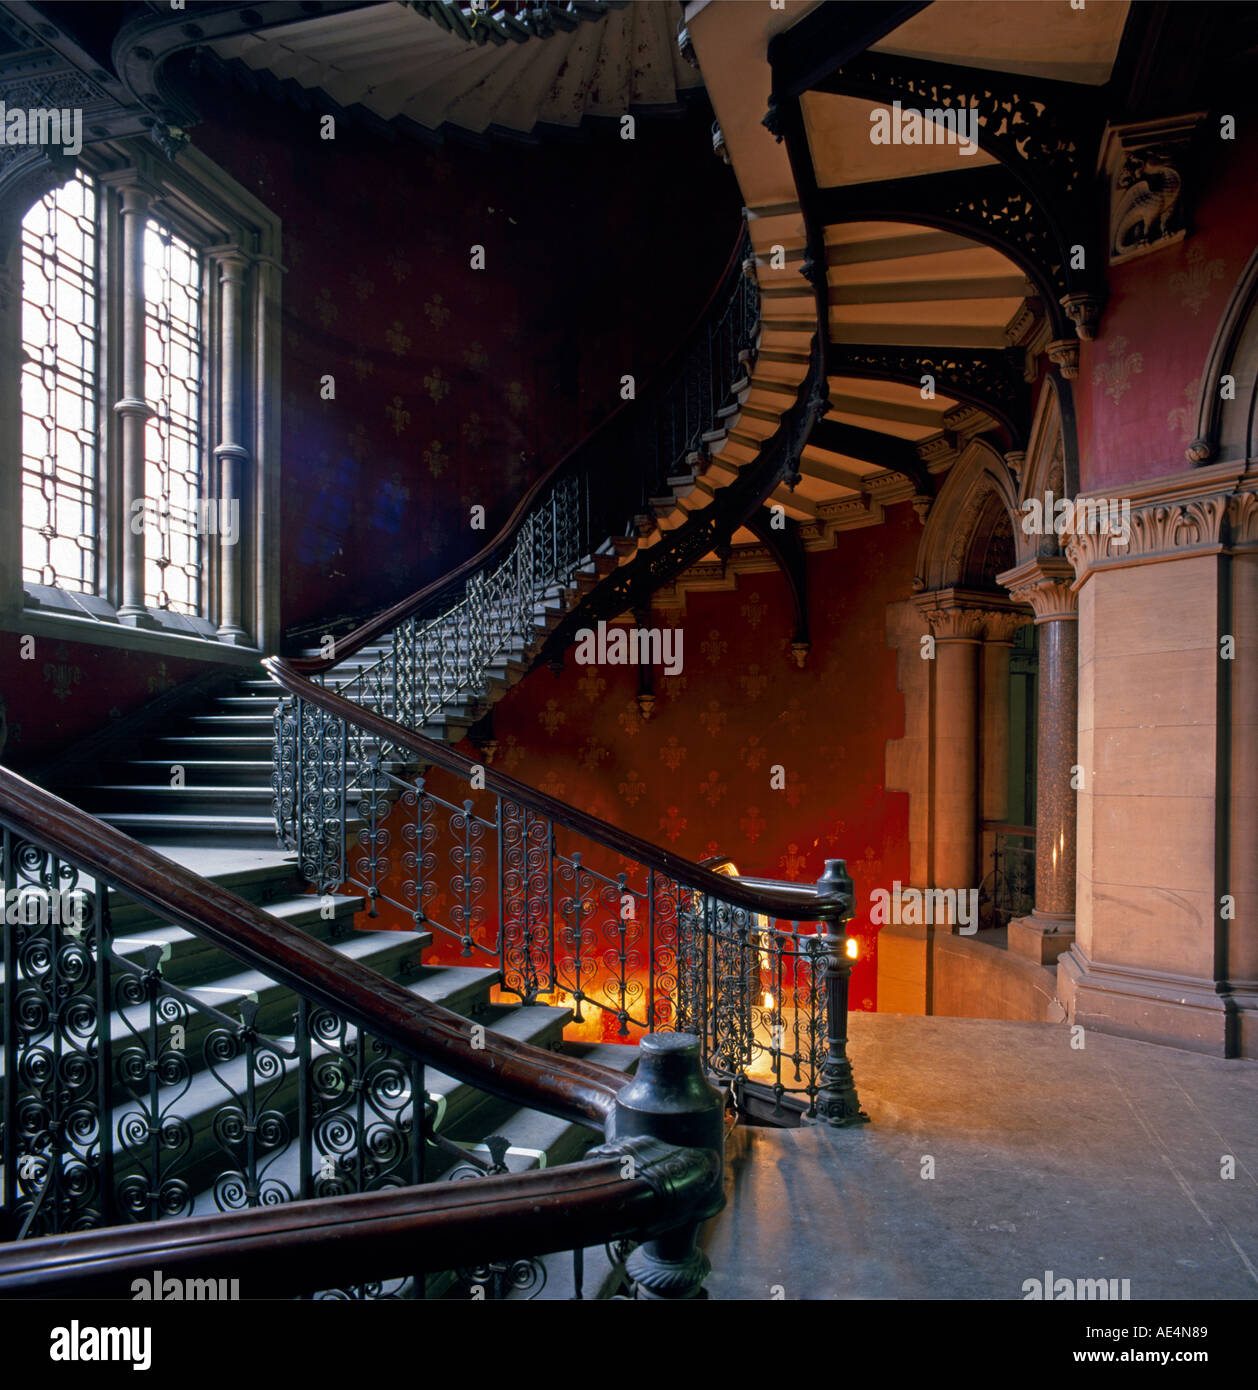 Grand Victorian escalera gótica dentro de St Pancras Chambers London NW1 Inglaterra Imagen De Stock